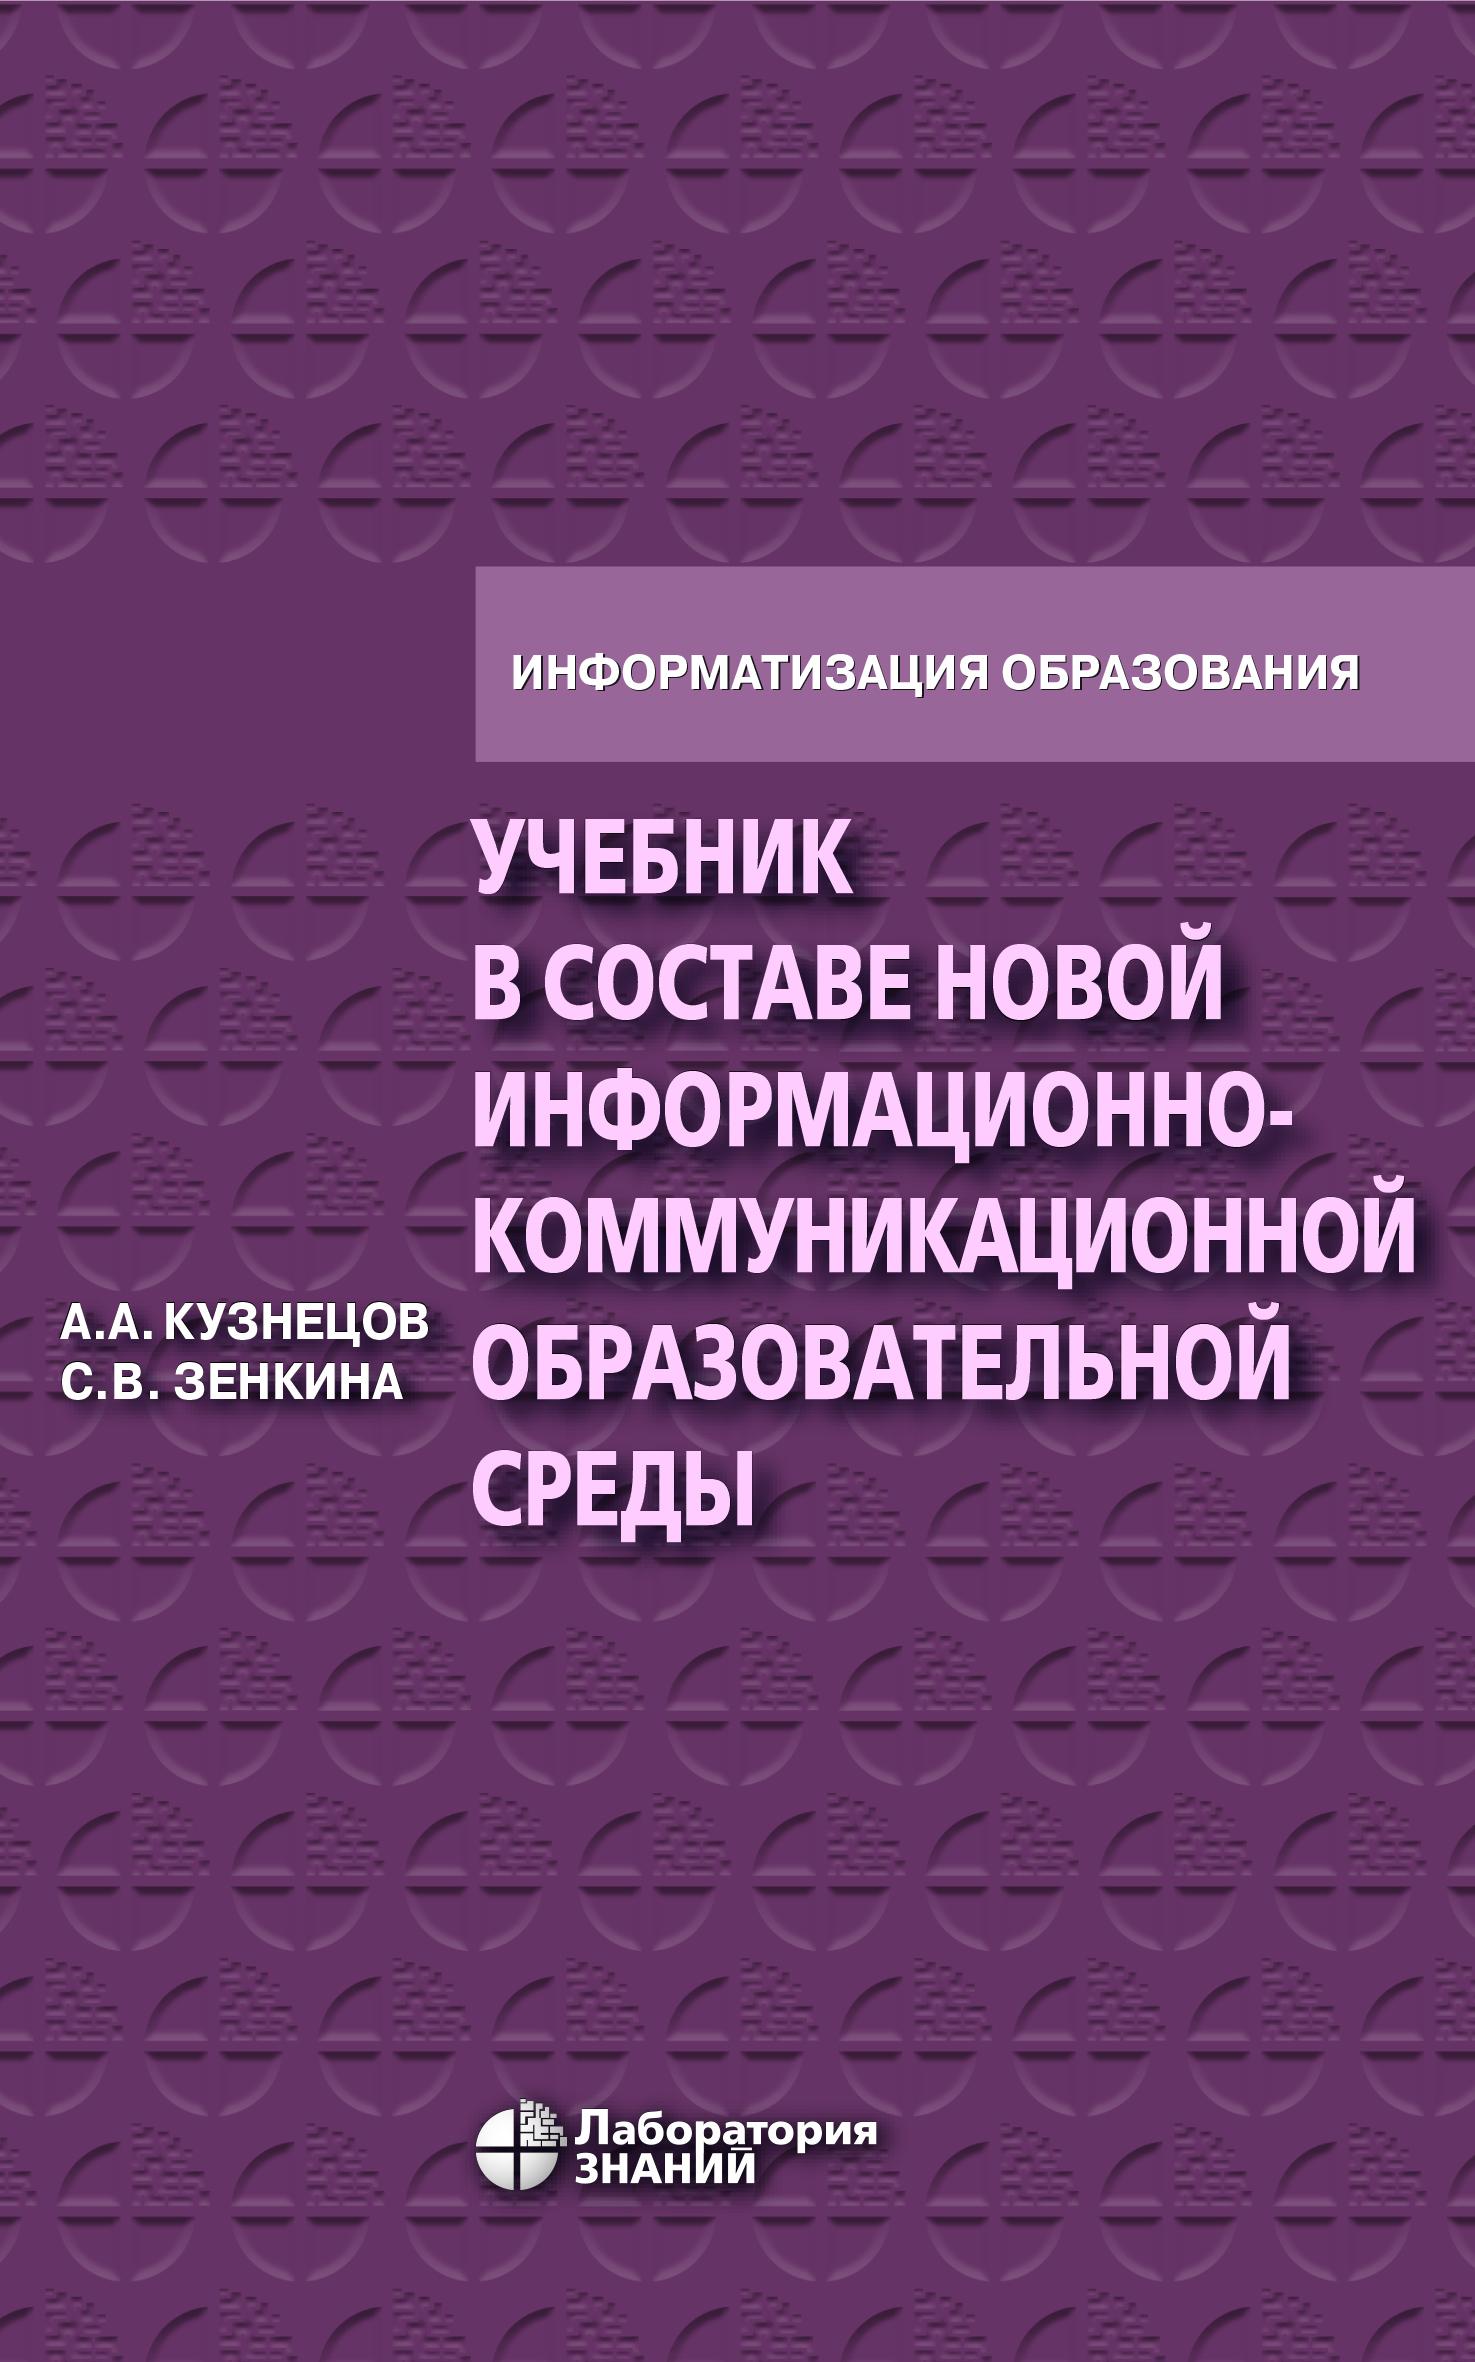 С. В. Зенкина Учебник в составе новой информационно-коммуникационной образовательной среды